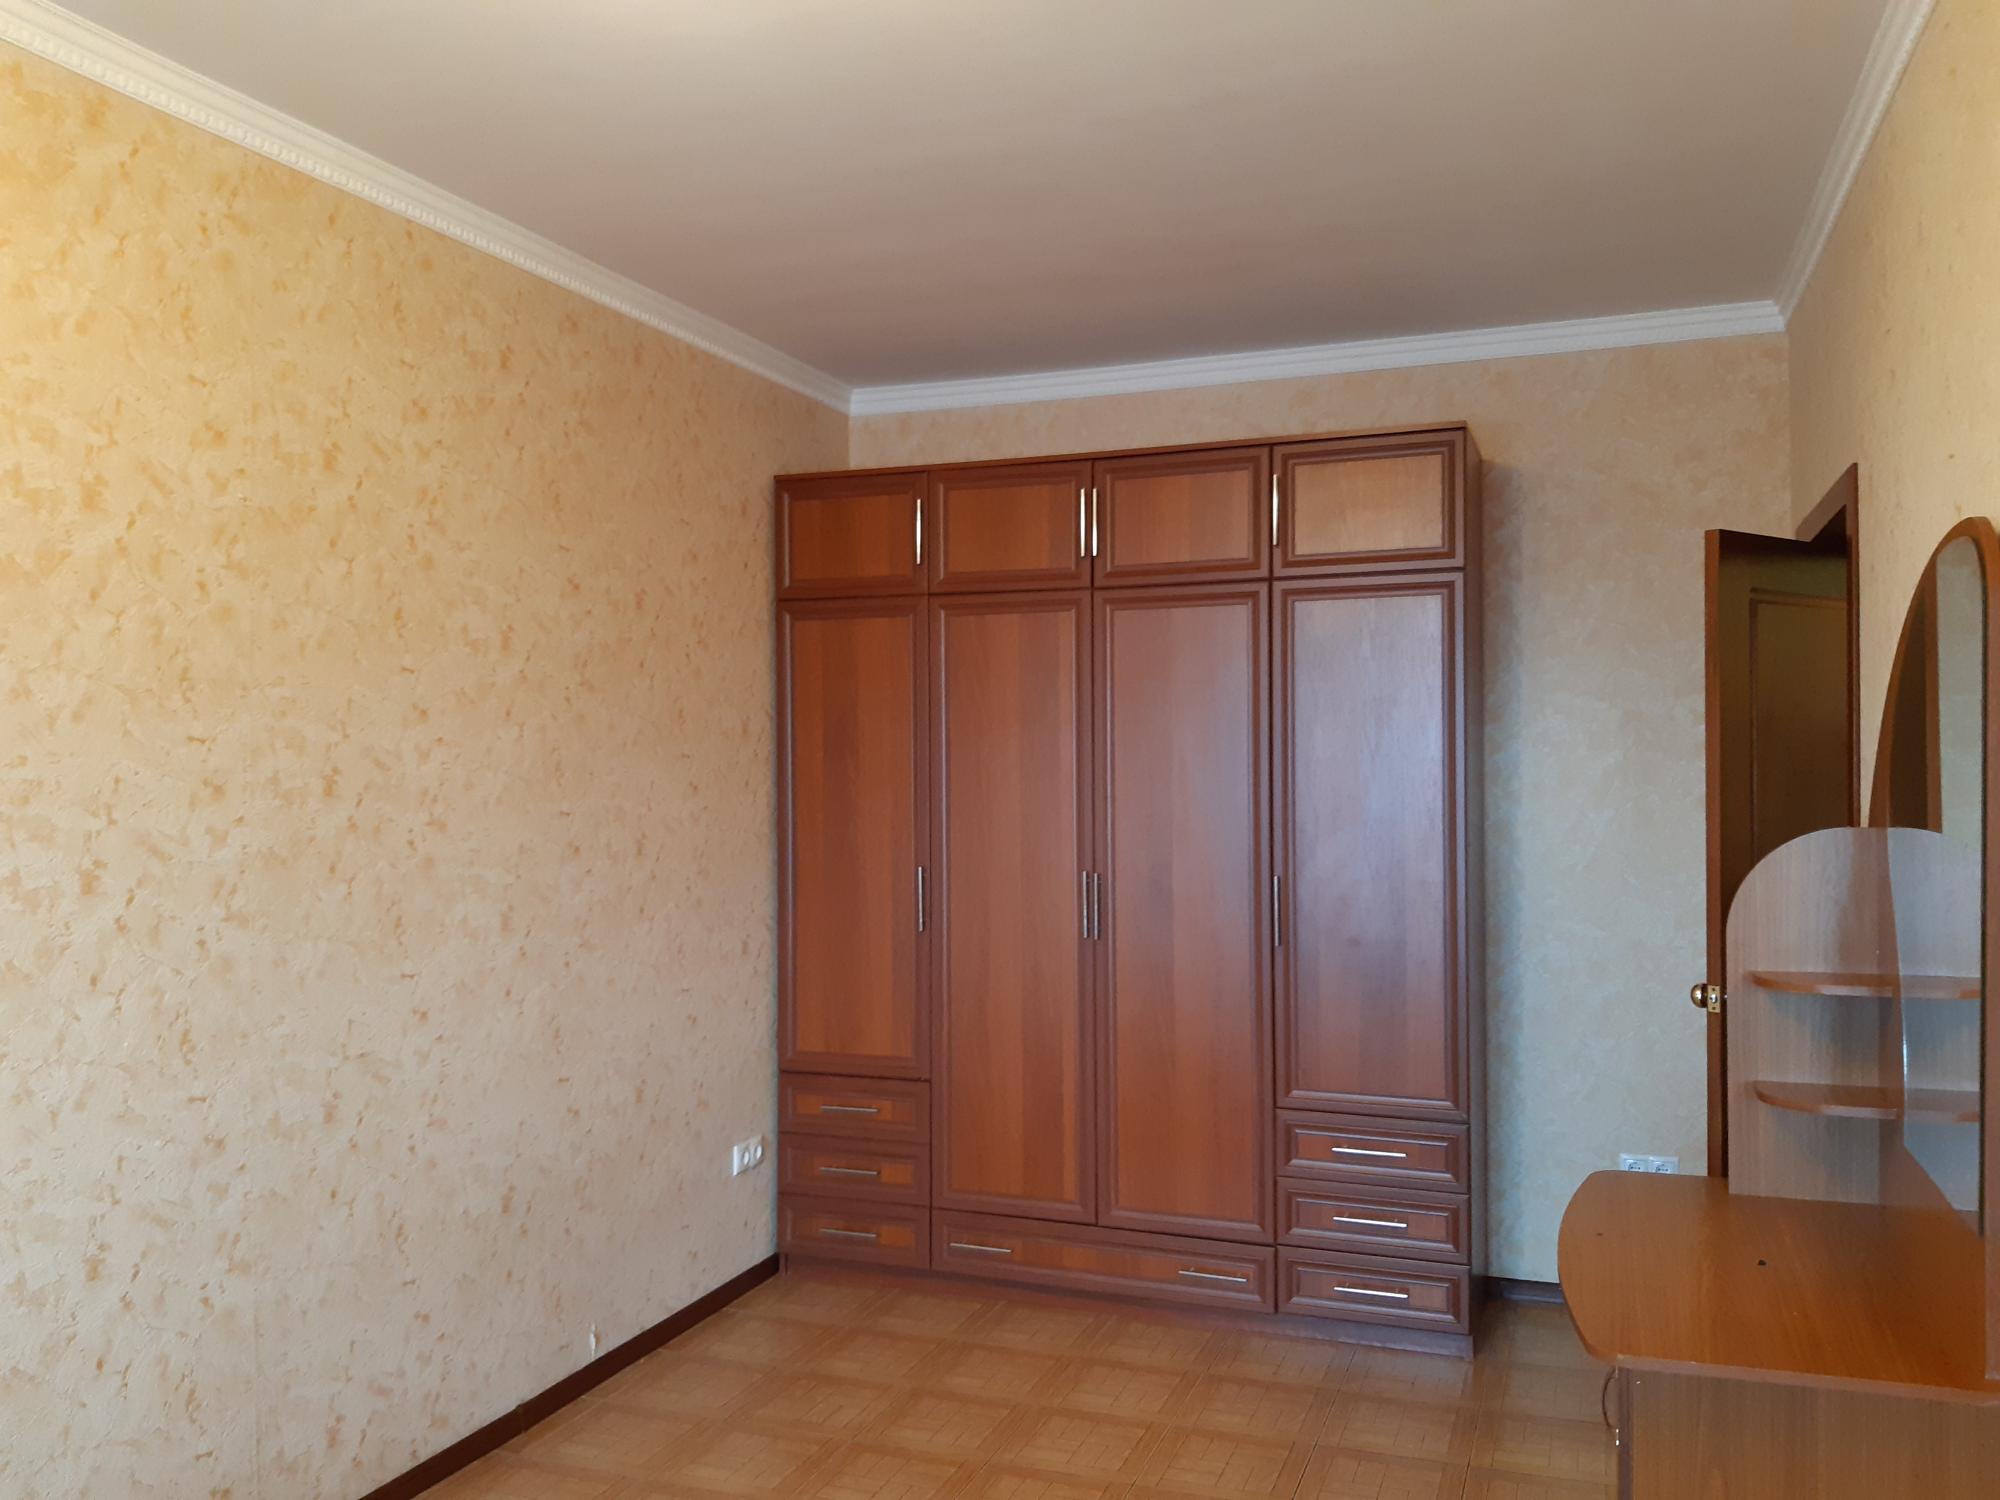 Квартира, 2 комнаты, 63.2 м² в Котельниках 89295674093 купить 7